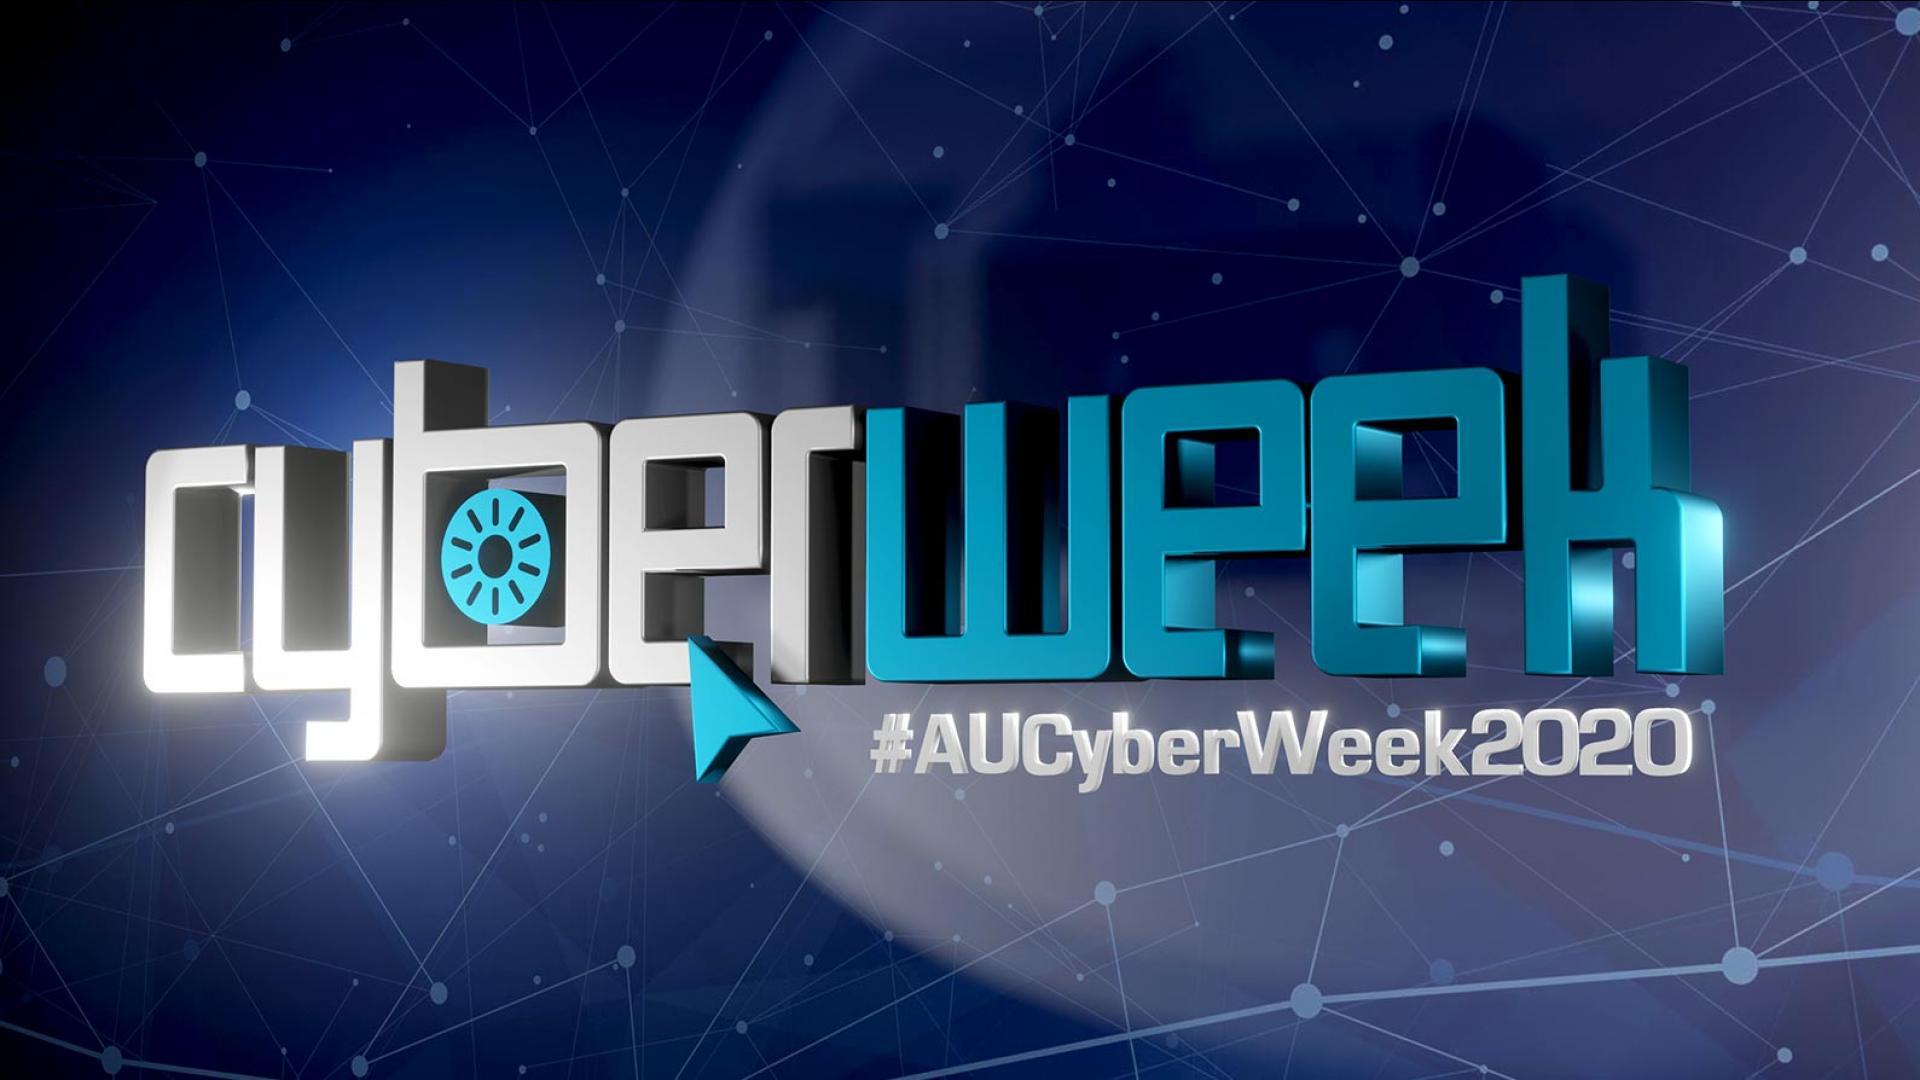 Australian cyber week 2020